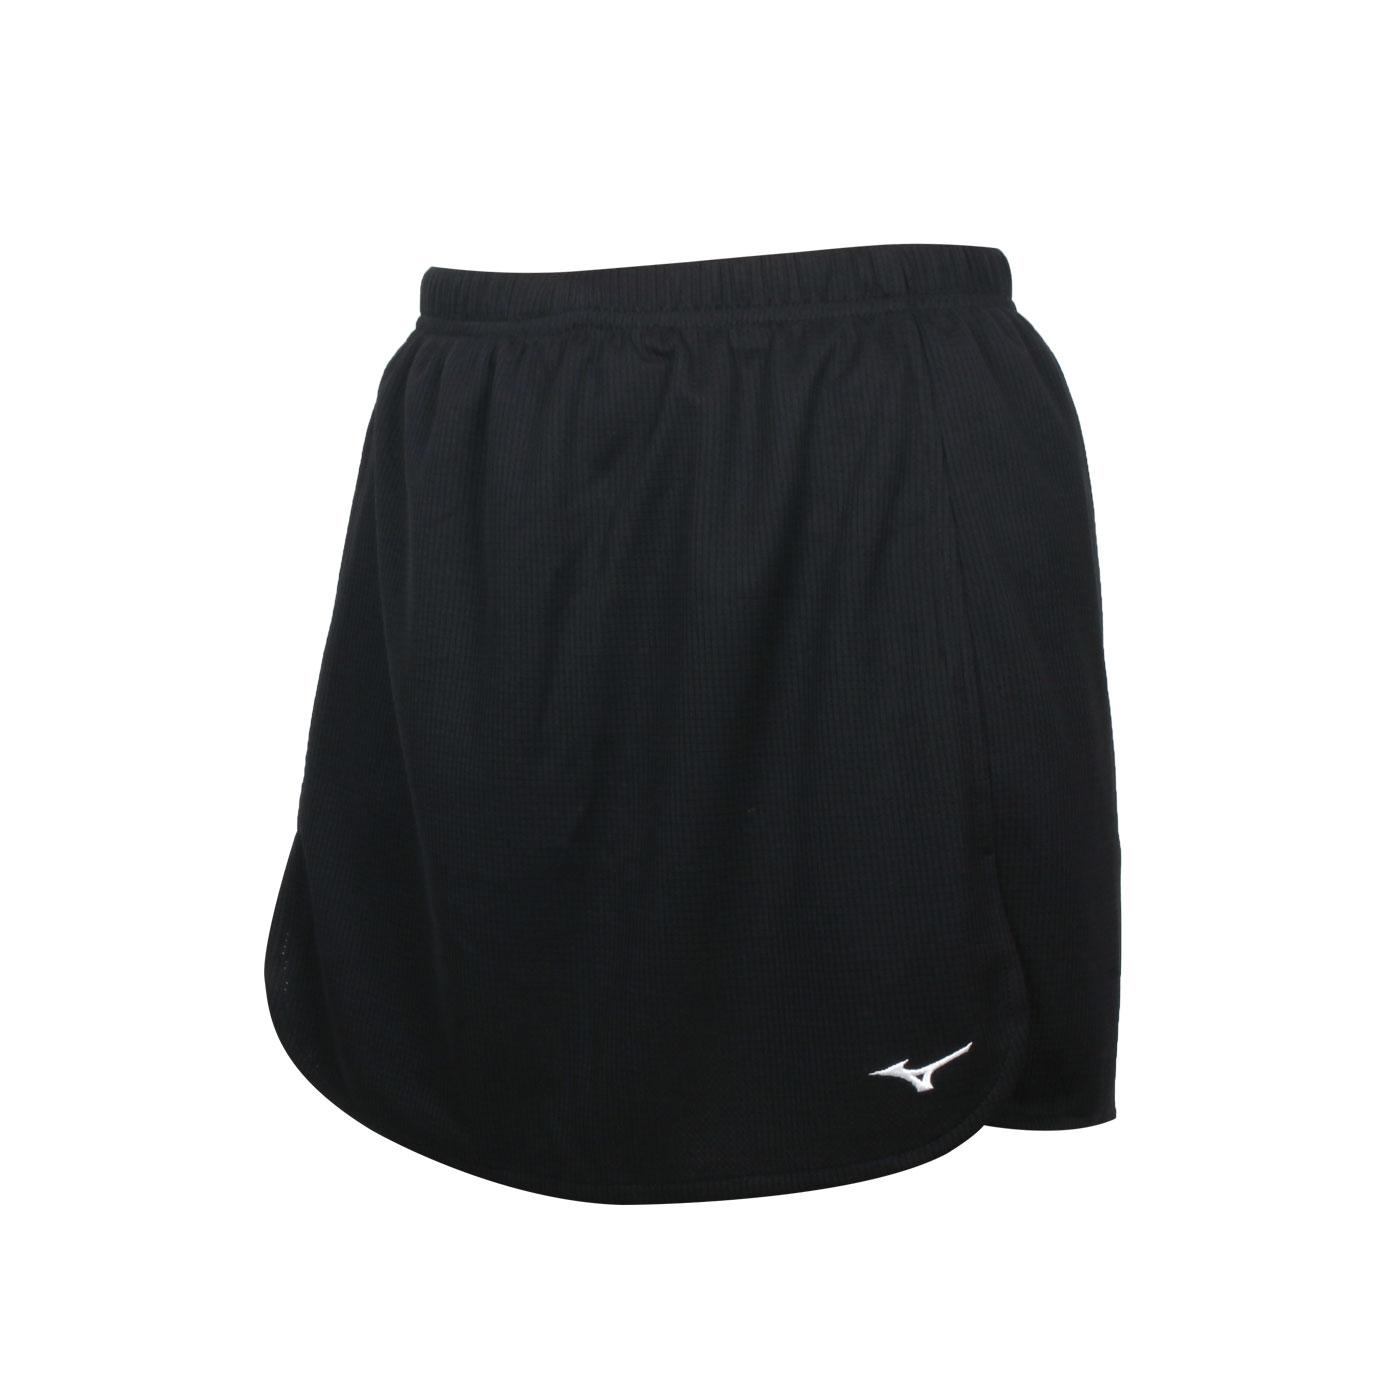 MIZUNO 女款羽球短裙 72TB1C0109 - 黑白